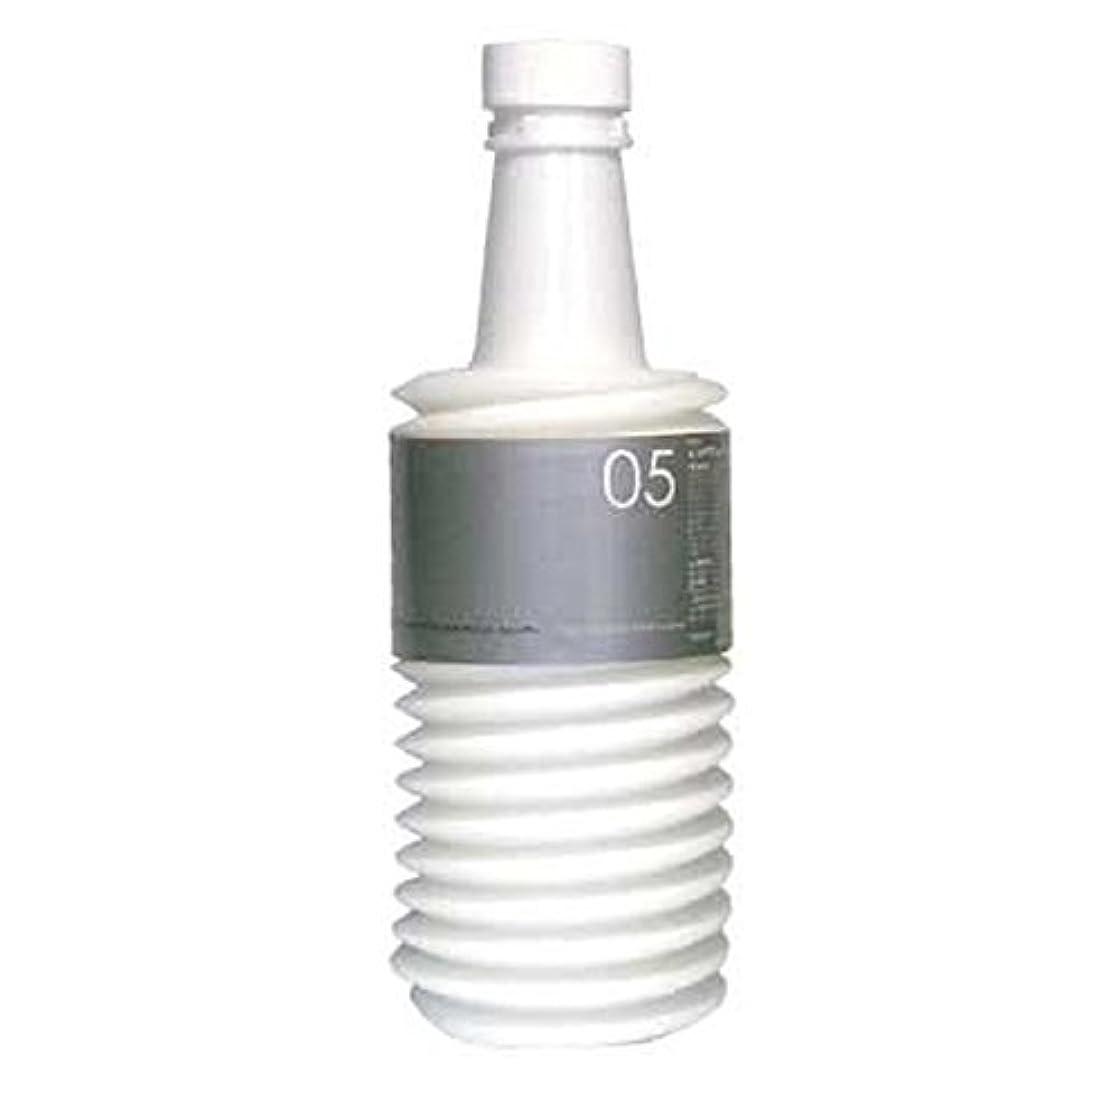 油条件付き大人ムコタ アデューラアイレ05 ヘアマスクトリートメントスムーサー 700g